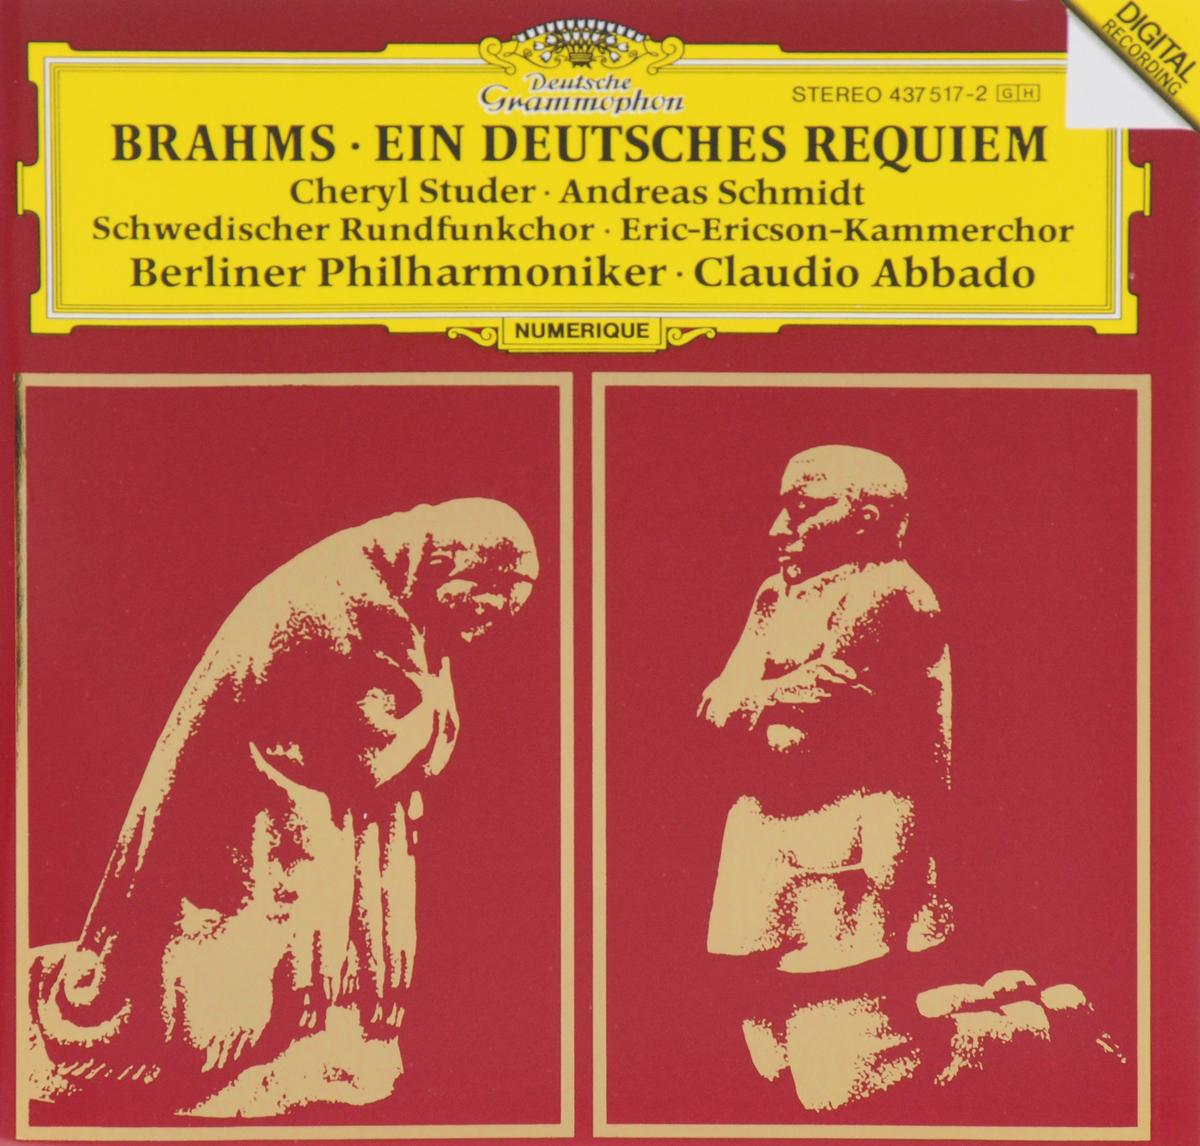 К изданию прилагается 32-страничный буклет с фотографиями, текстами песен и дополнительной информацией на английском, немецком, французском и итальянском языках.